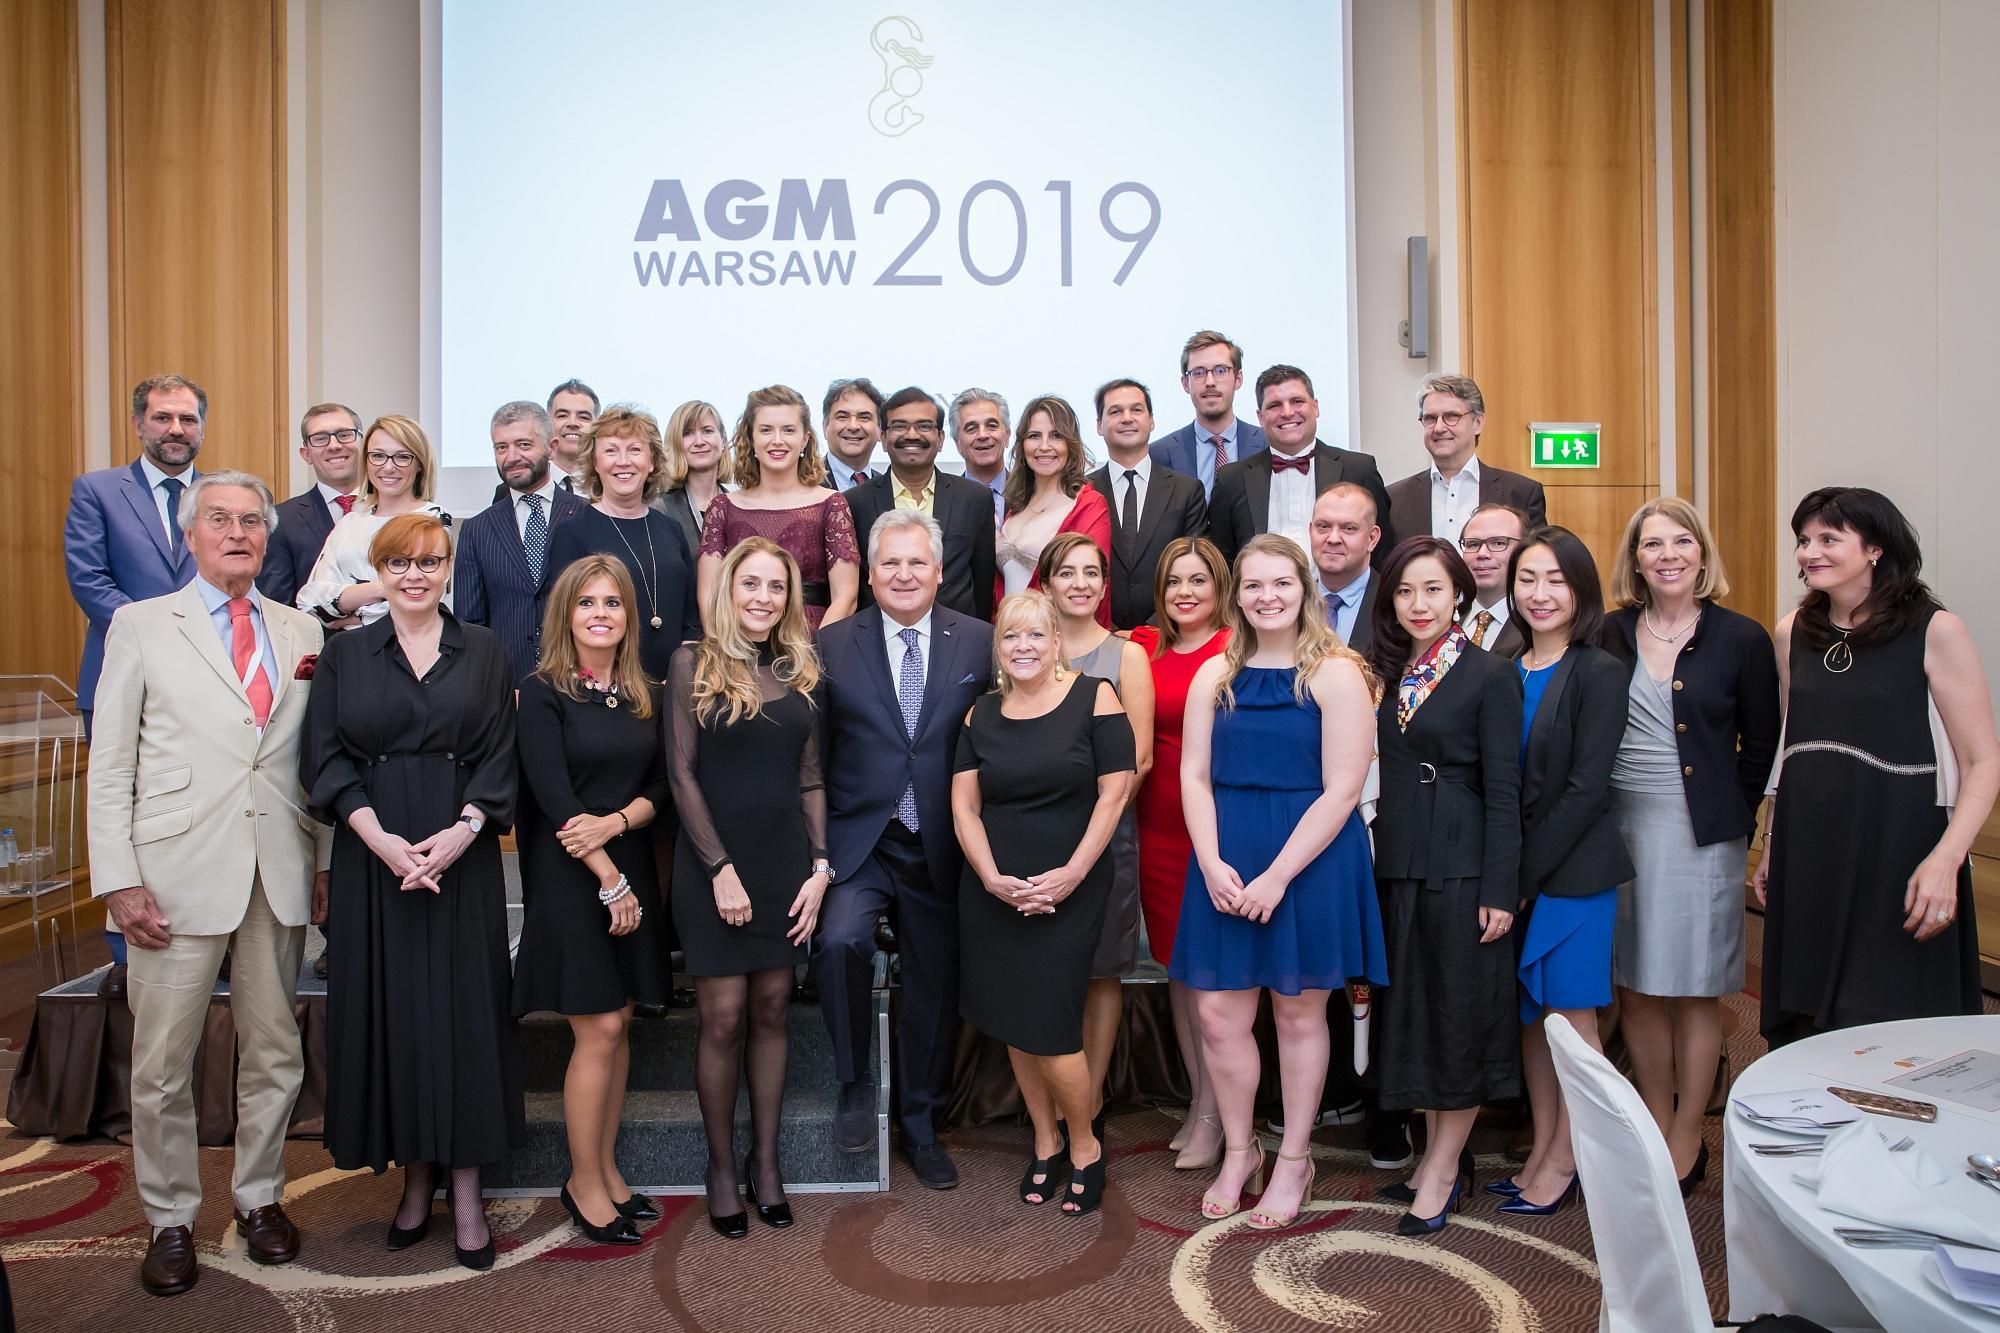 AGM Warsaw 2019